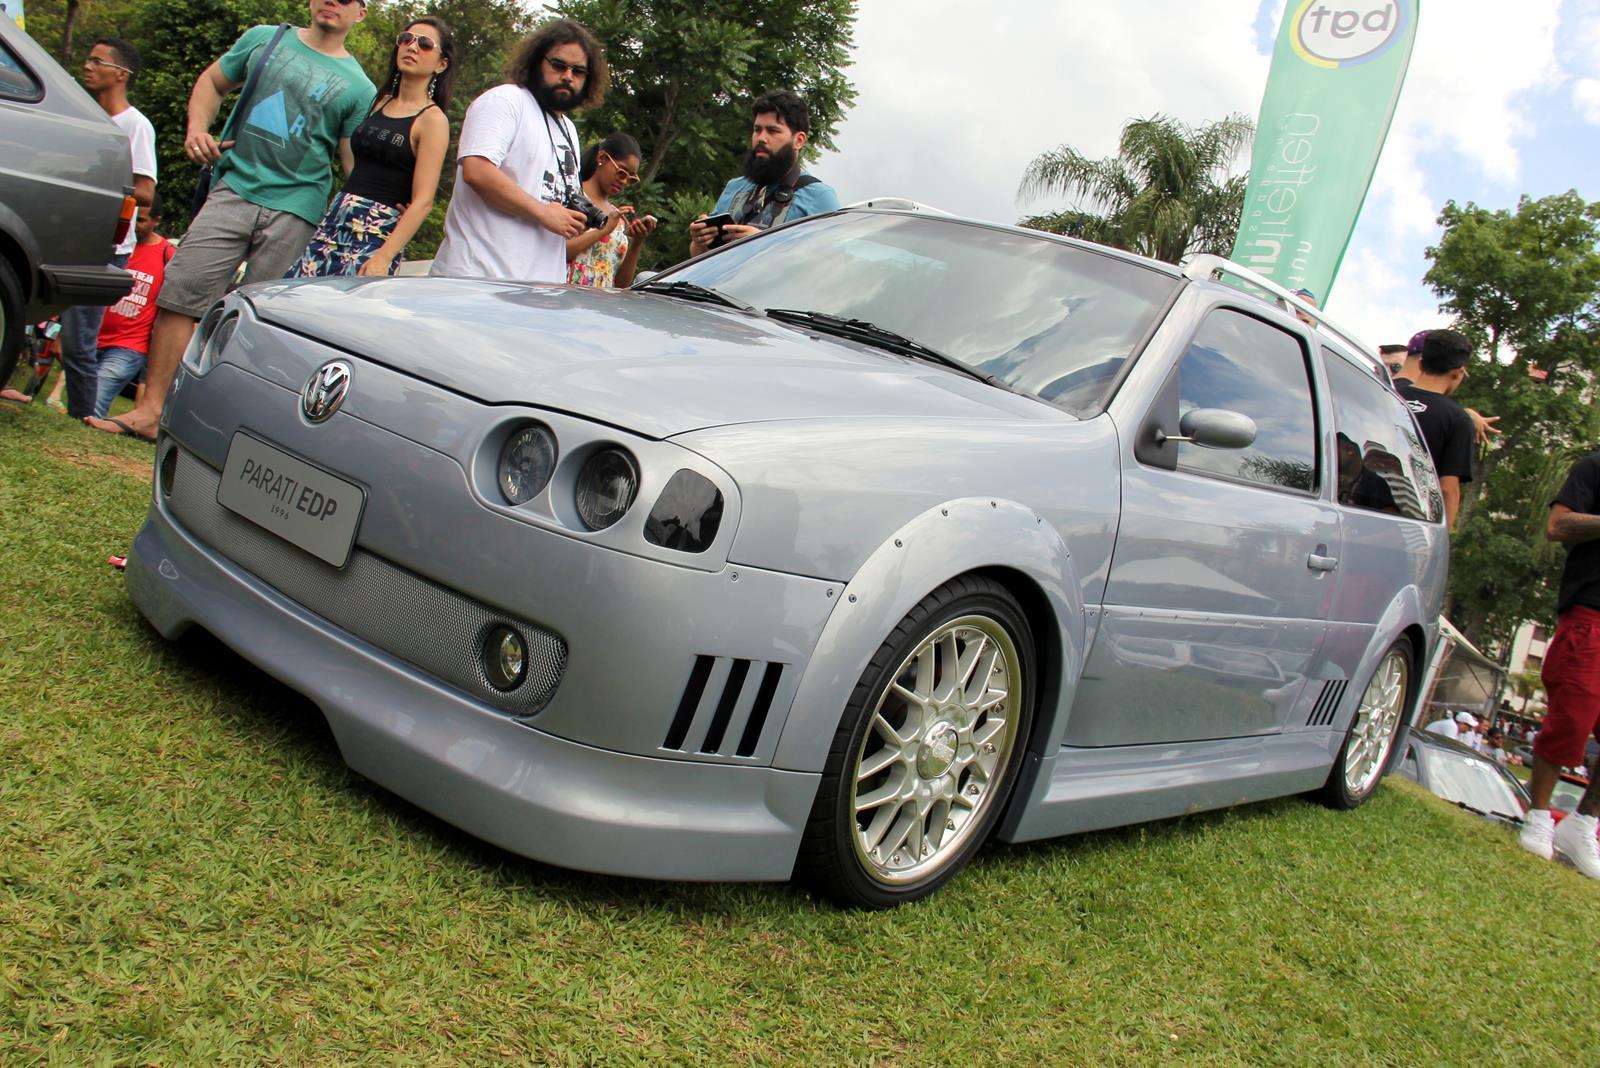 Conceito do Salão do Automóvel de 1996, a Parati EDP reapareceu. Tem motor 2.0 aspirado de 200 cv e som com potência de 1000 W